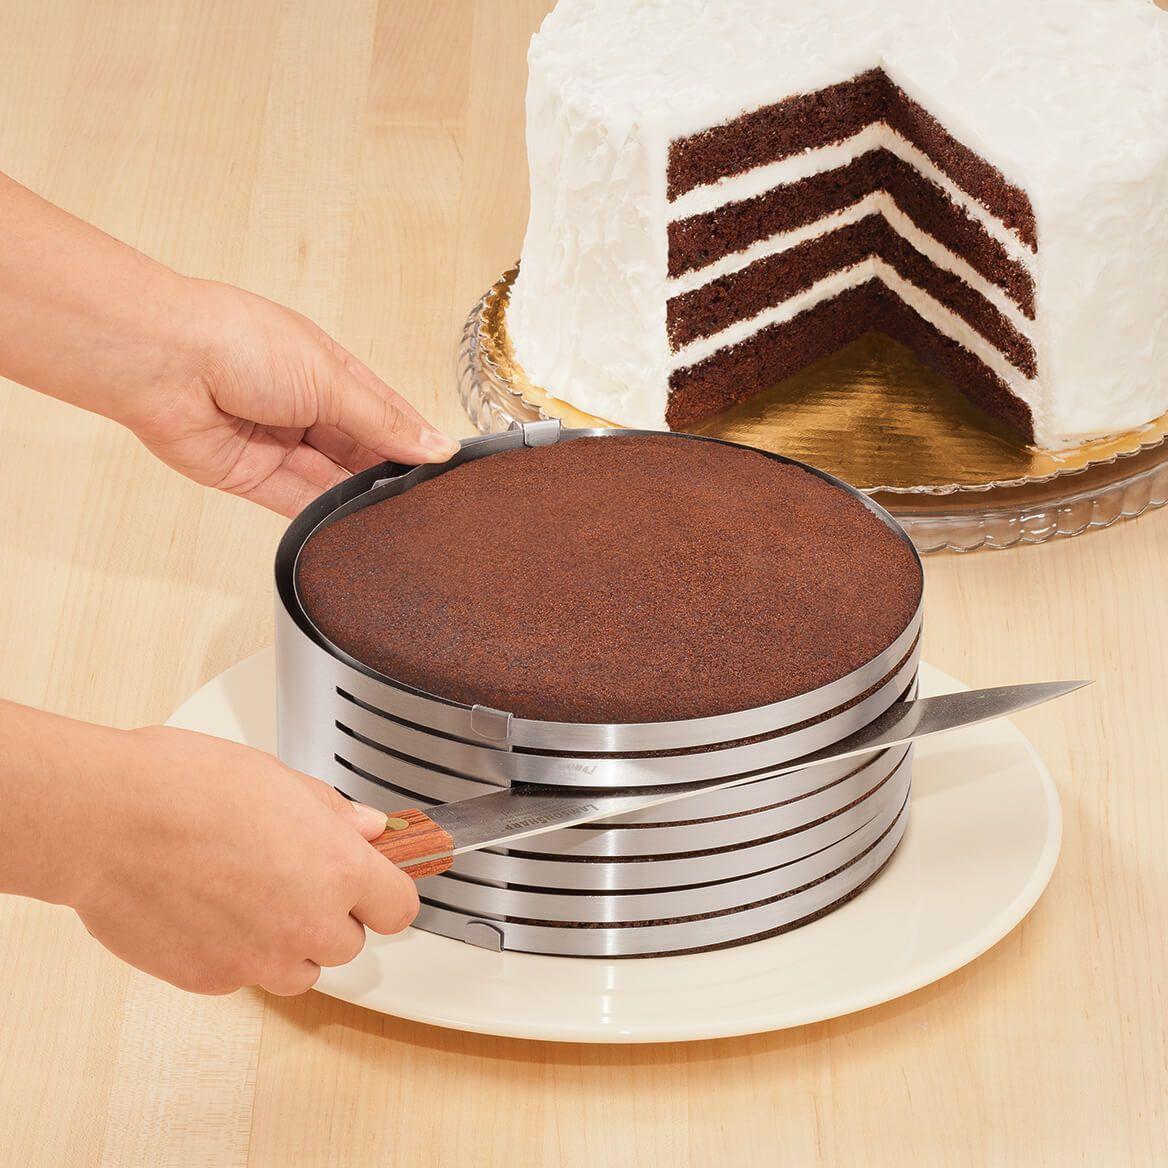 торты в разъемной форме рецепты с фото недавнего